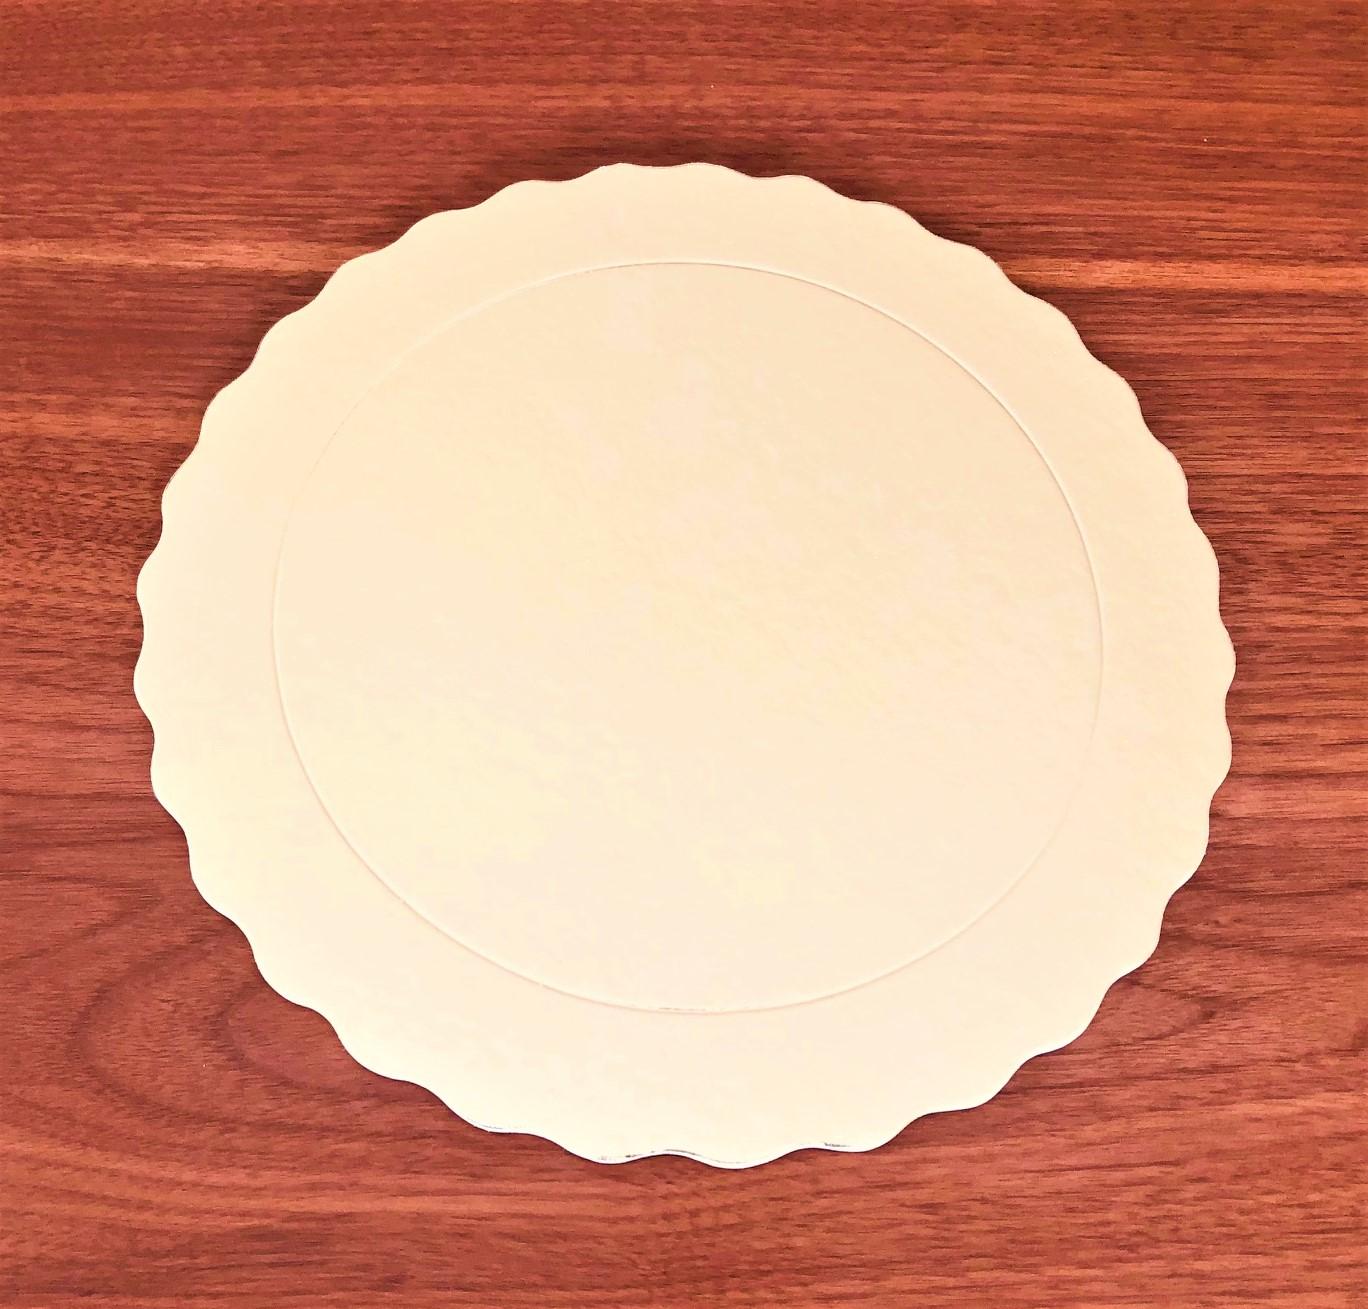 20 Bases Laminadas Para Bolo Redondo, Cake Board 25 cm - Ouro